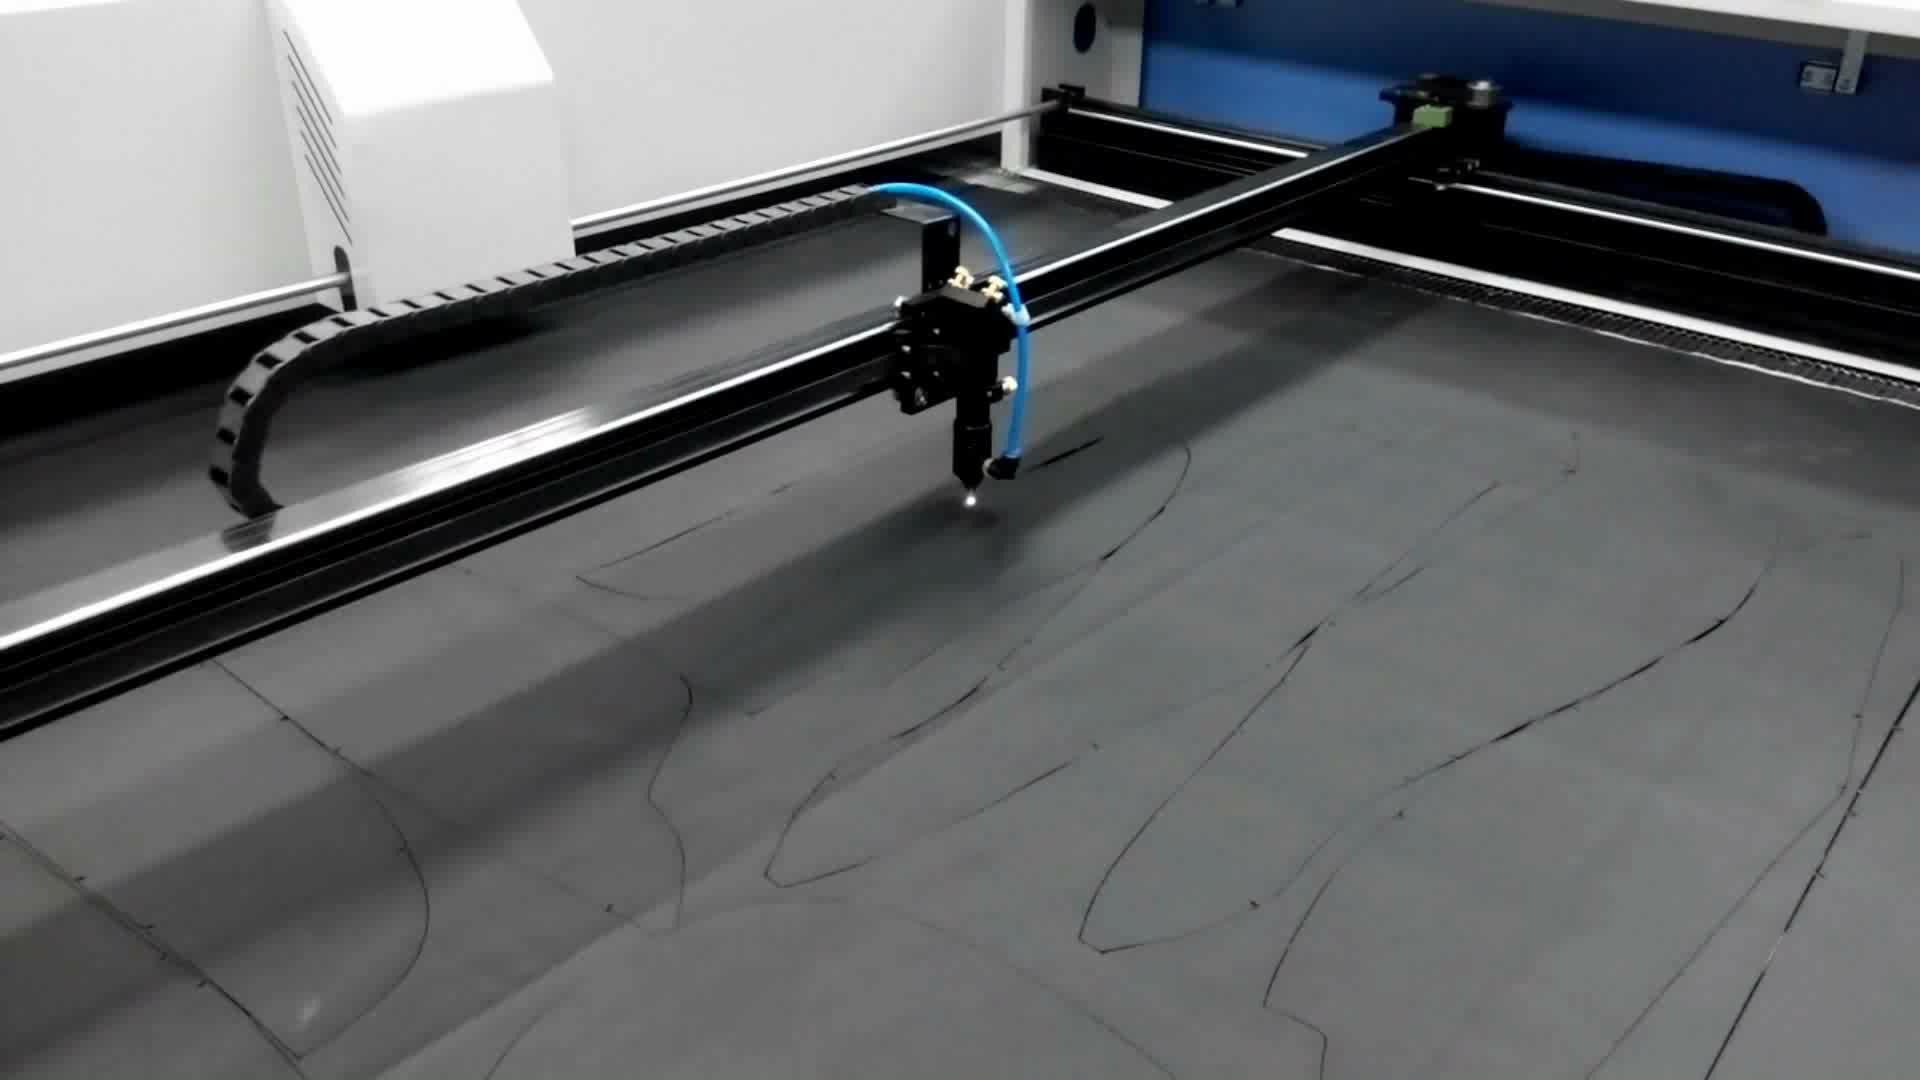 EFR 100W Laser Máy Phong Cách Mới Nhất 1300*900 Mm Bàn Làm Việc Kích Thước Cầm Tay Hỗn Hợp CO2 Máy Cắt Kim Loại